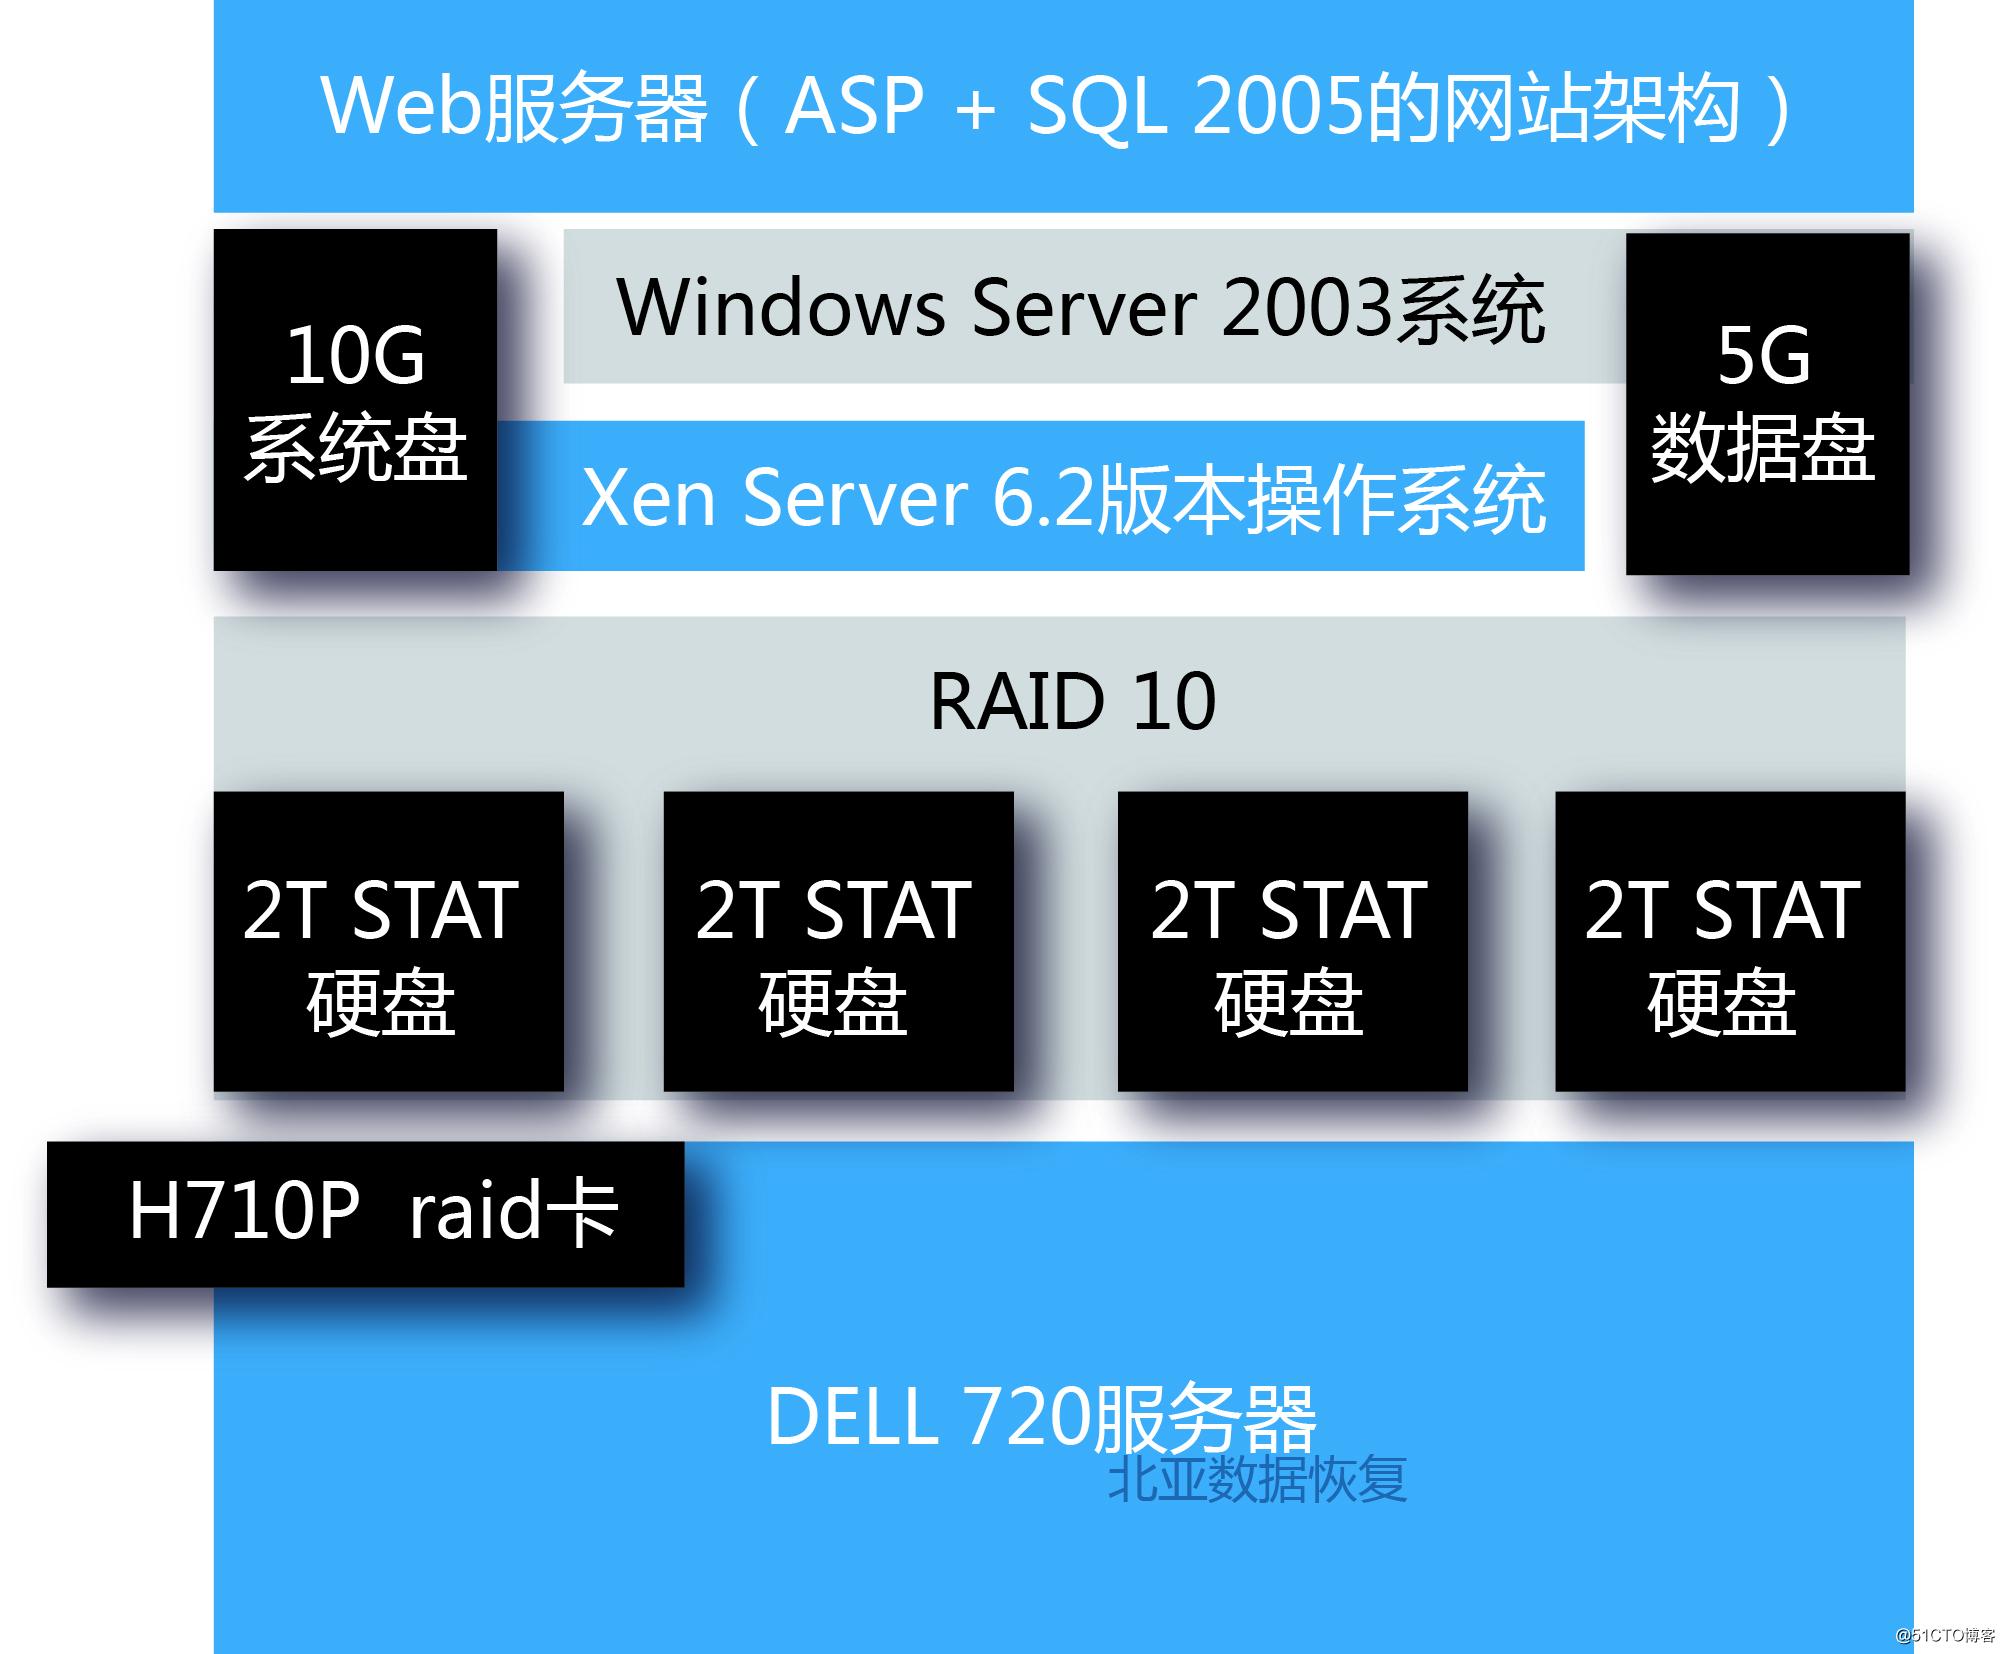 服务器断电导致虚拟机数据丢失怎么恢复?